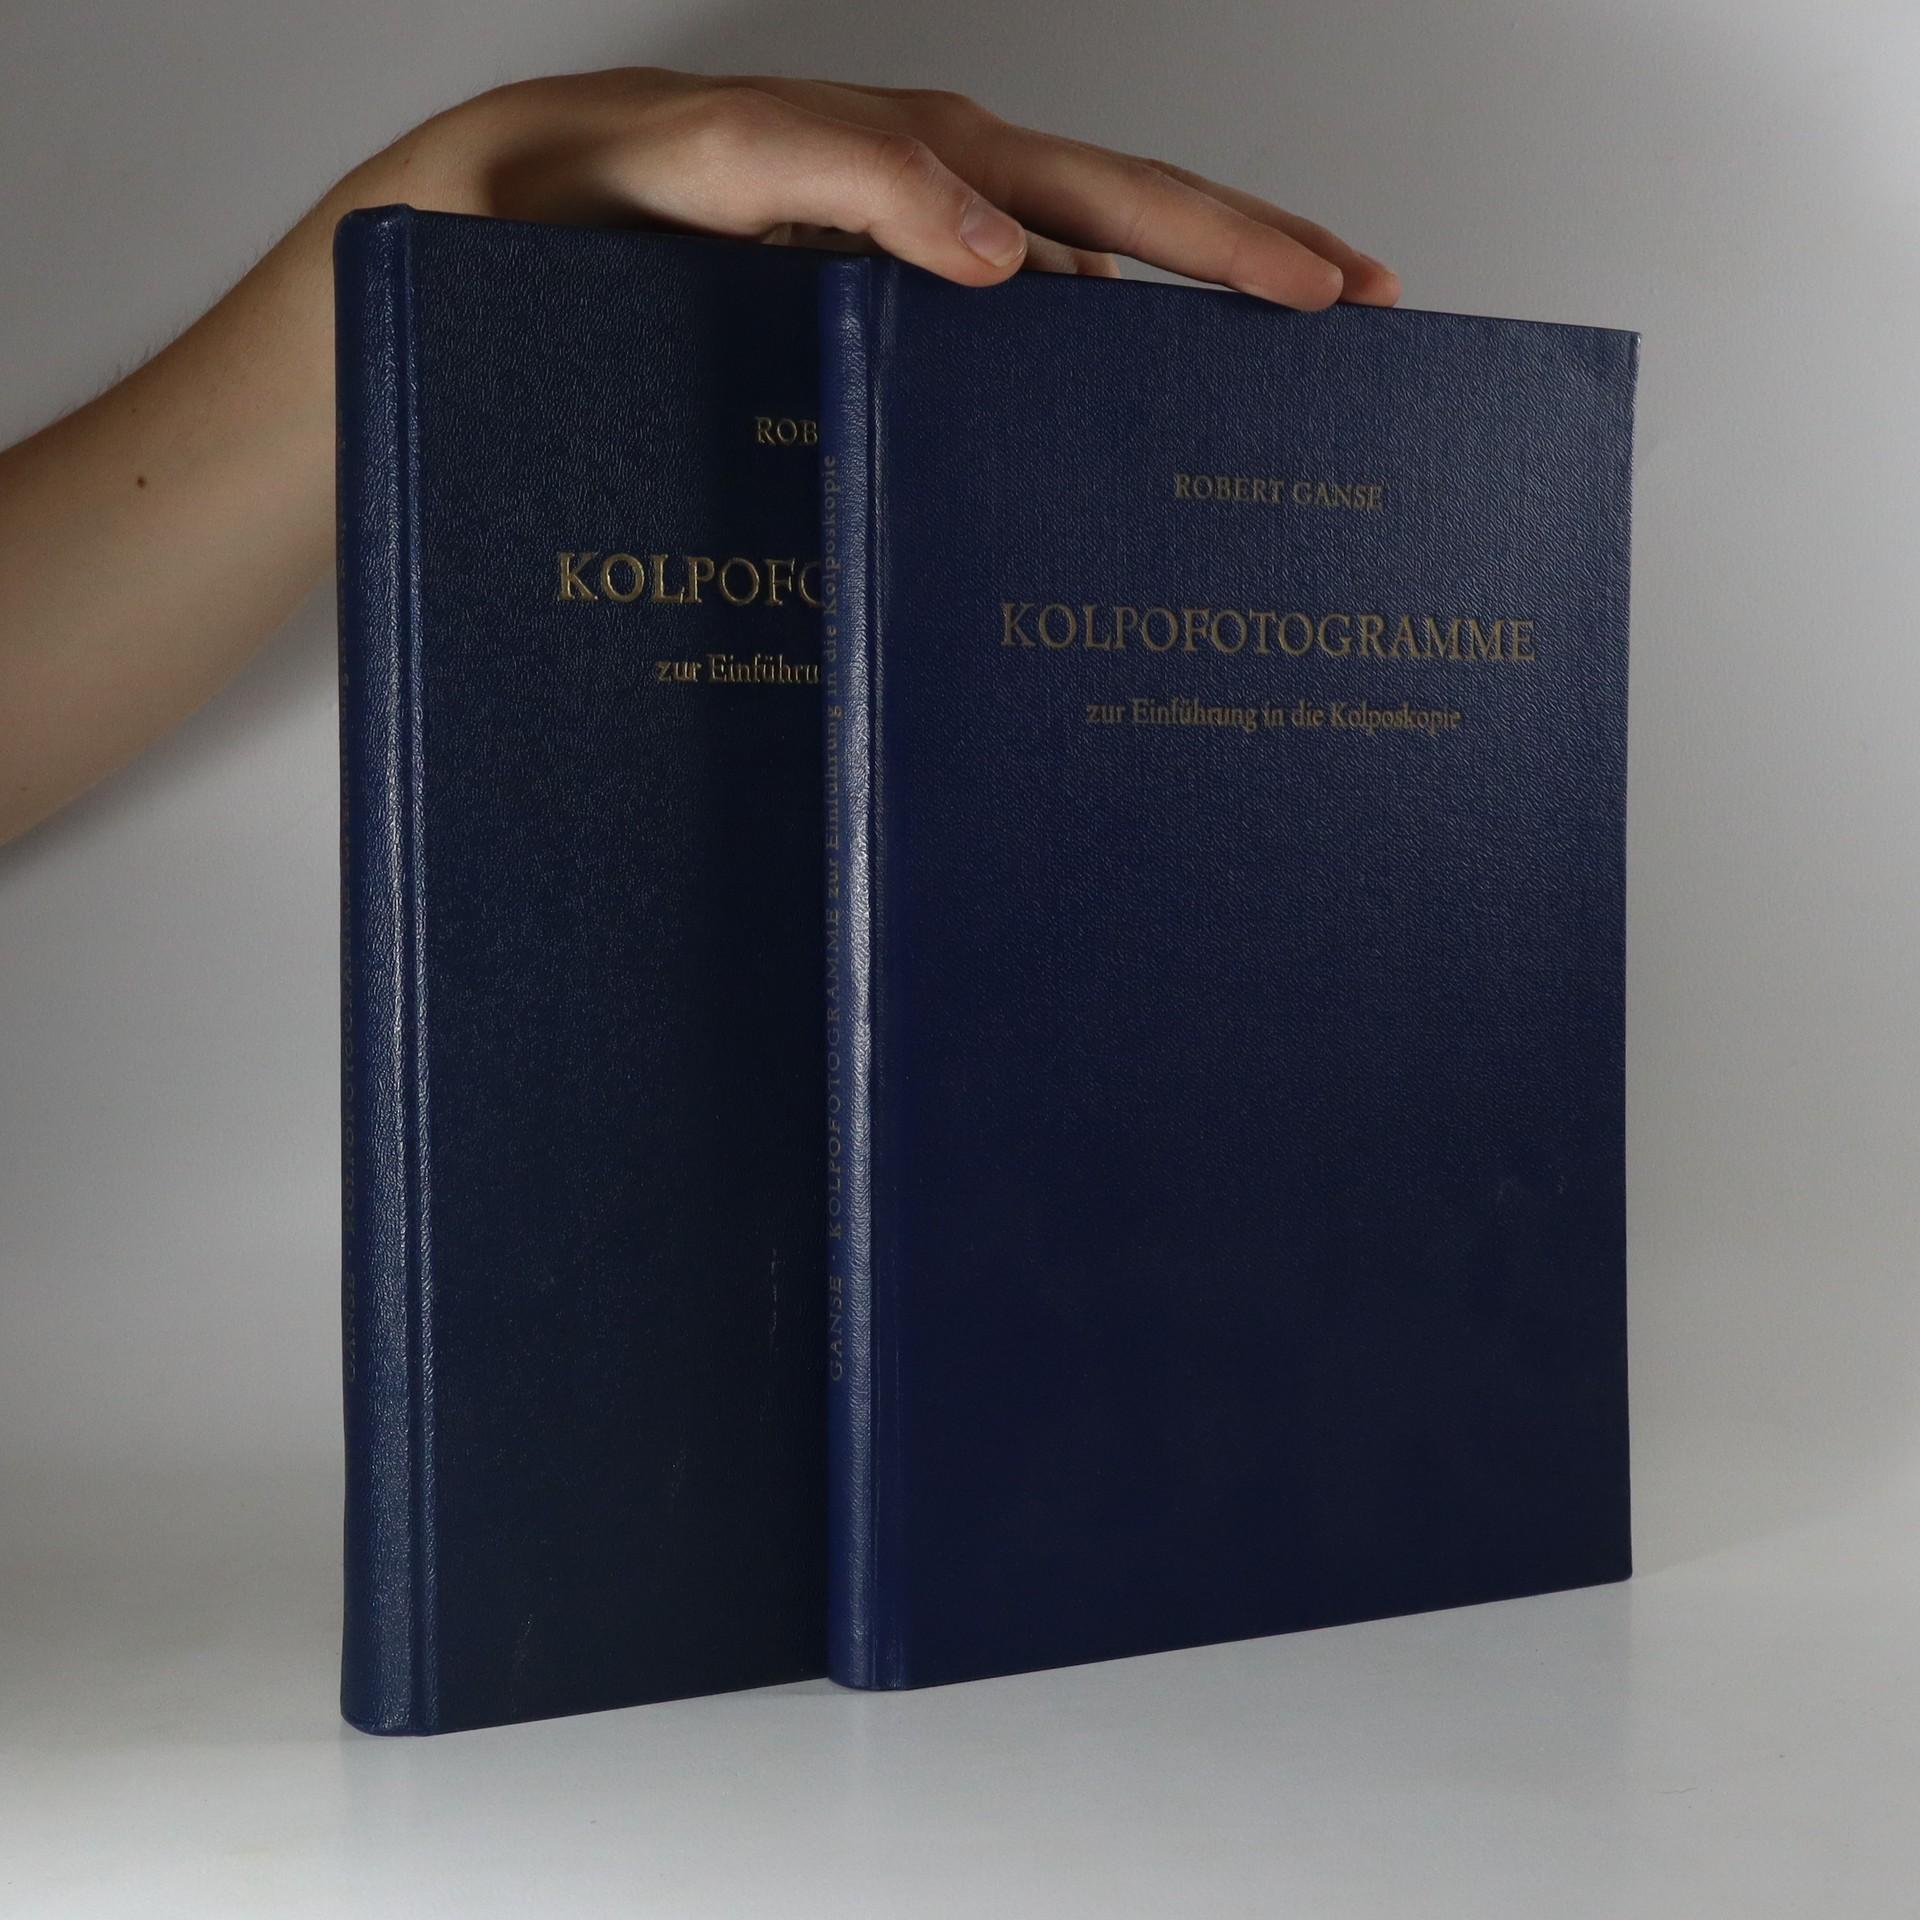 antikvární kniha  Ganse, Robert Kolpofotogramme zur Einführung in die Kolposkopie (2 svazky), 1953